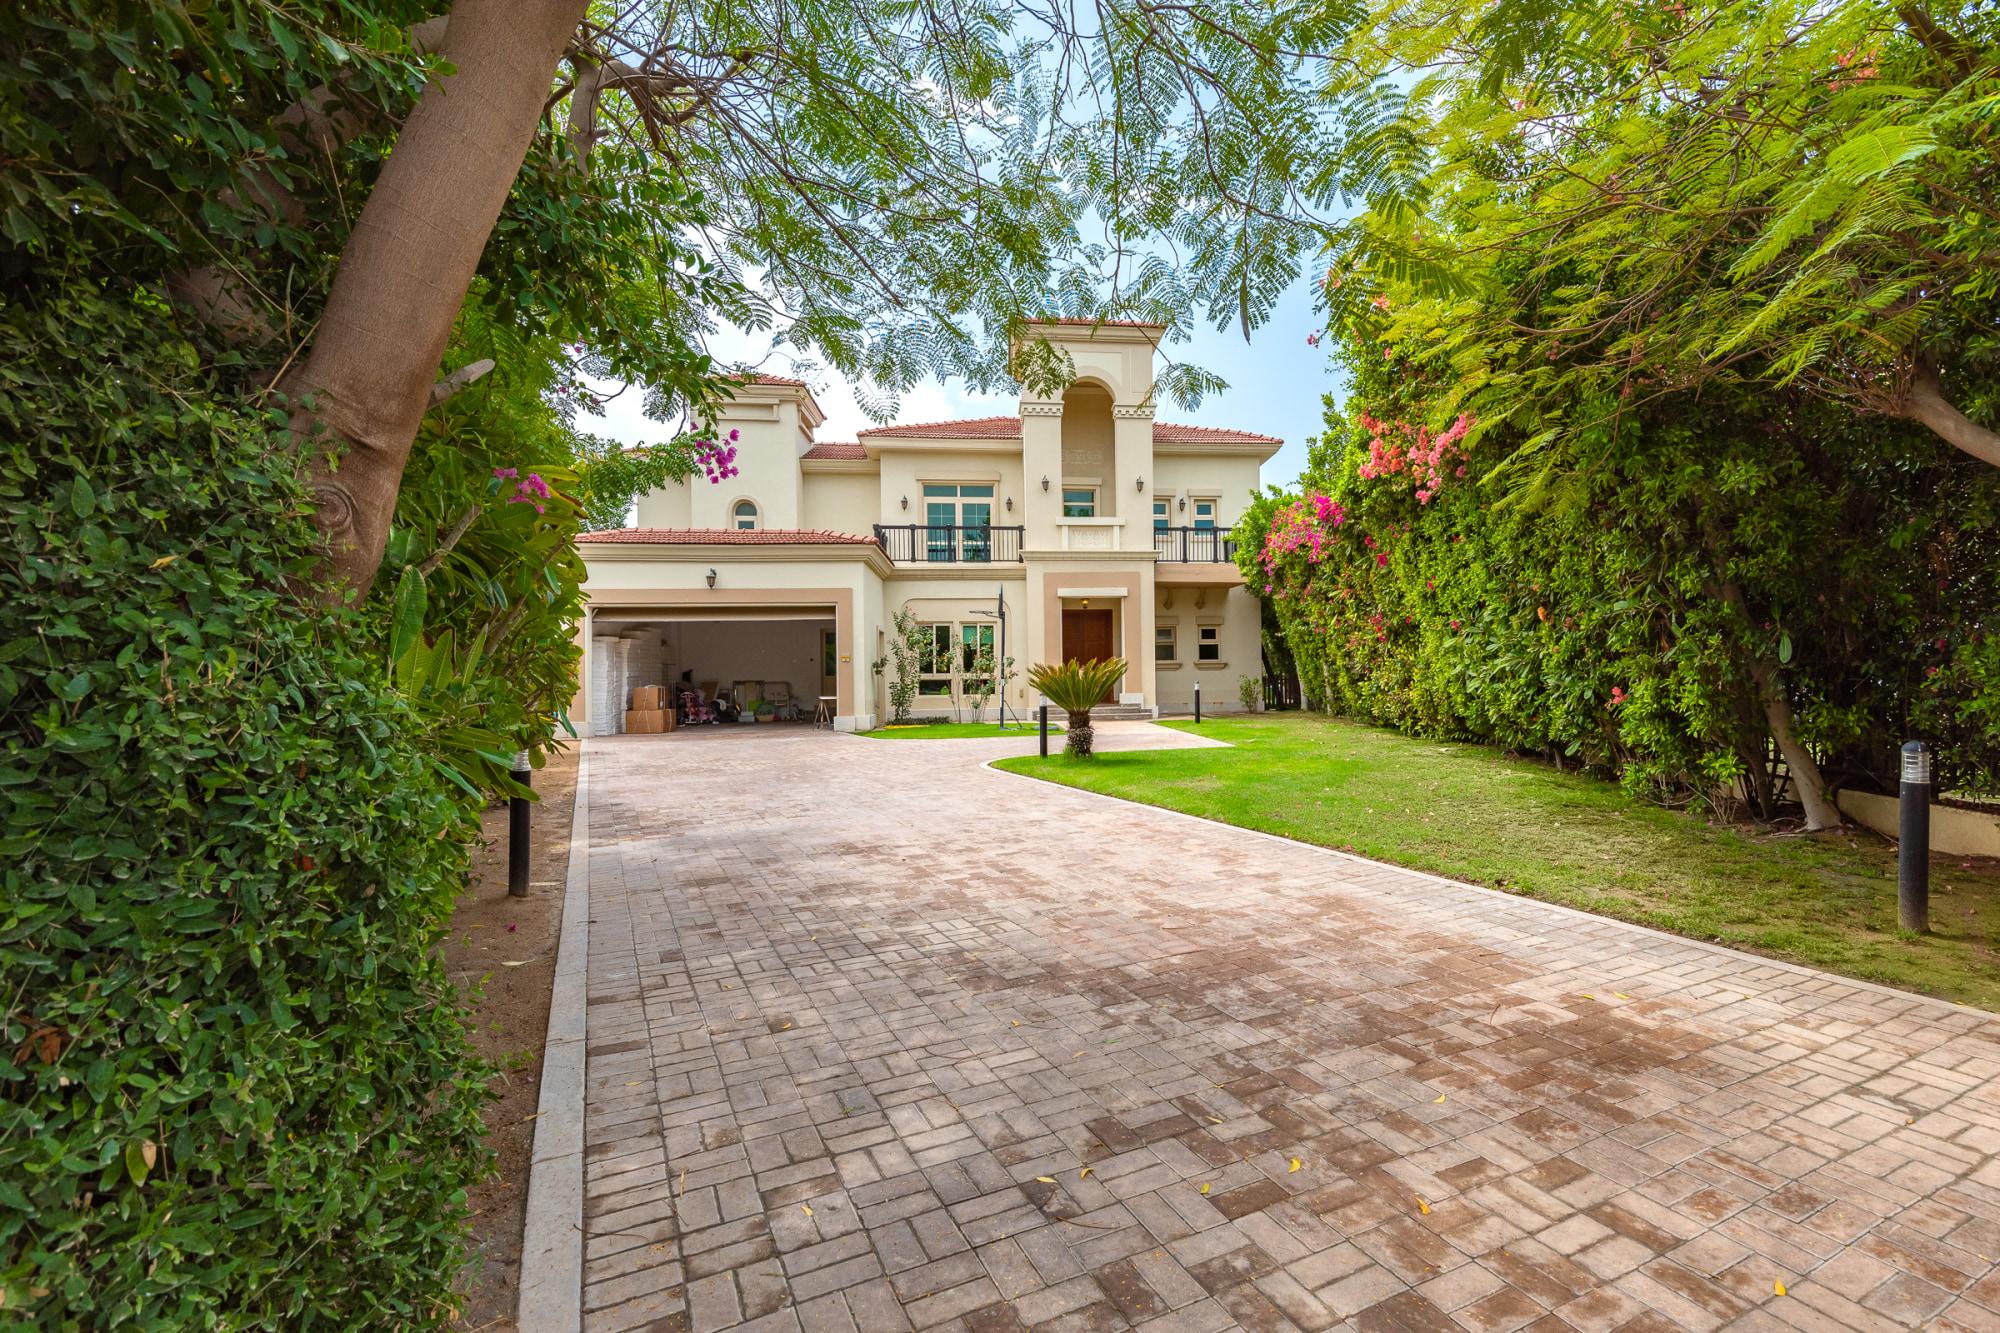 Costa Del Sol Inspired Villa for Great Price